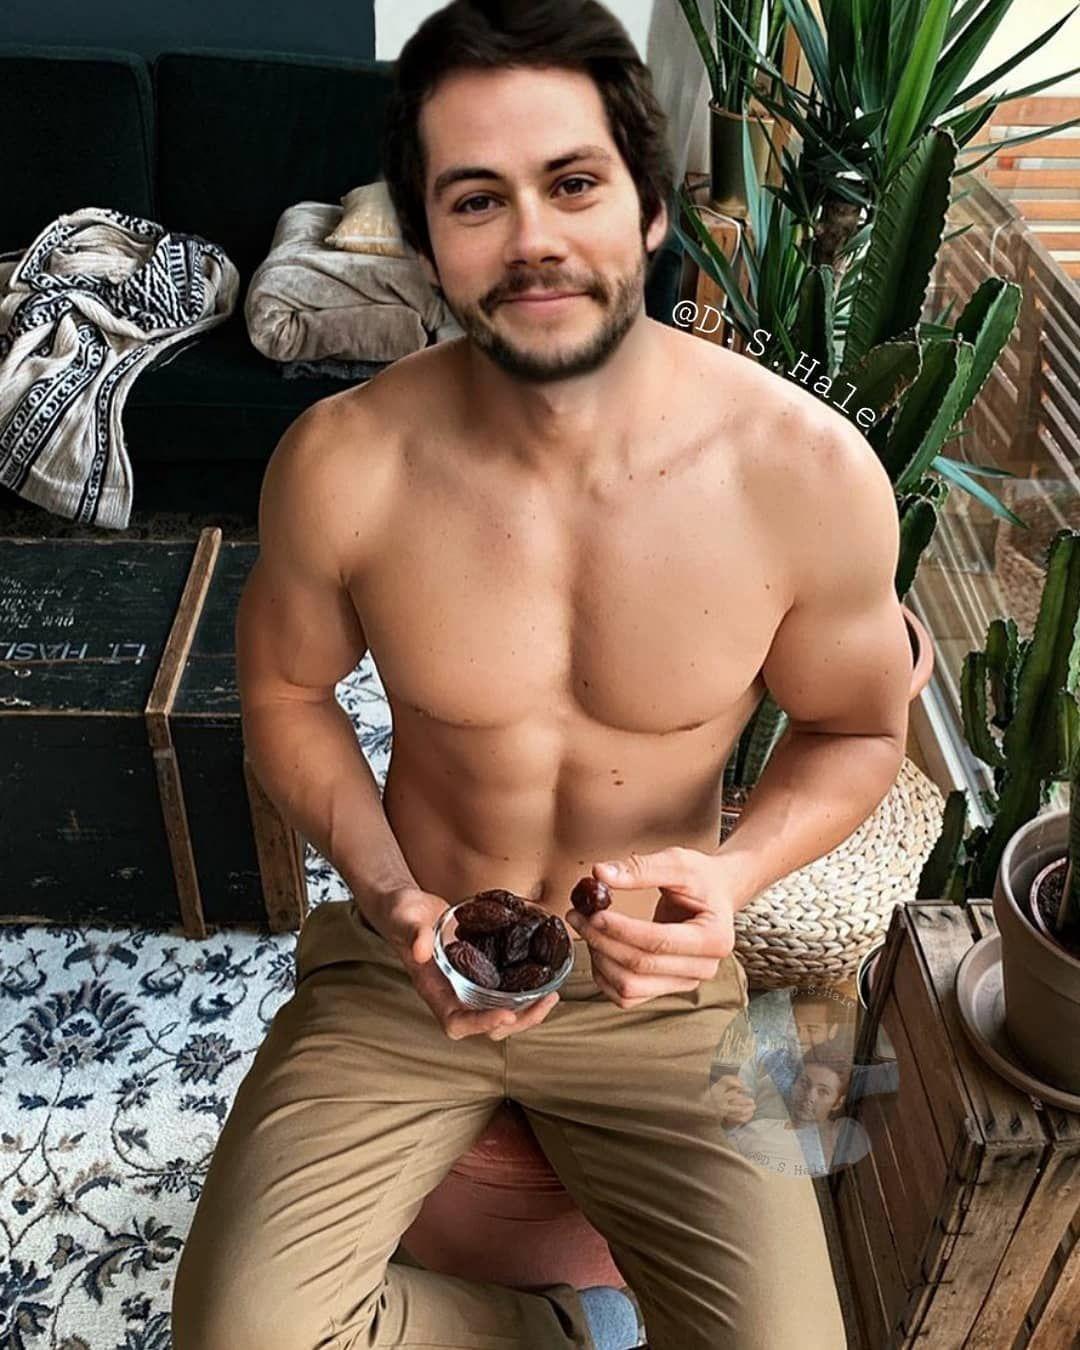 shirtless dylan | Tumblr